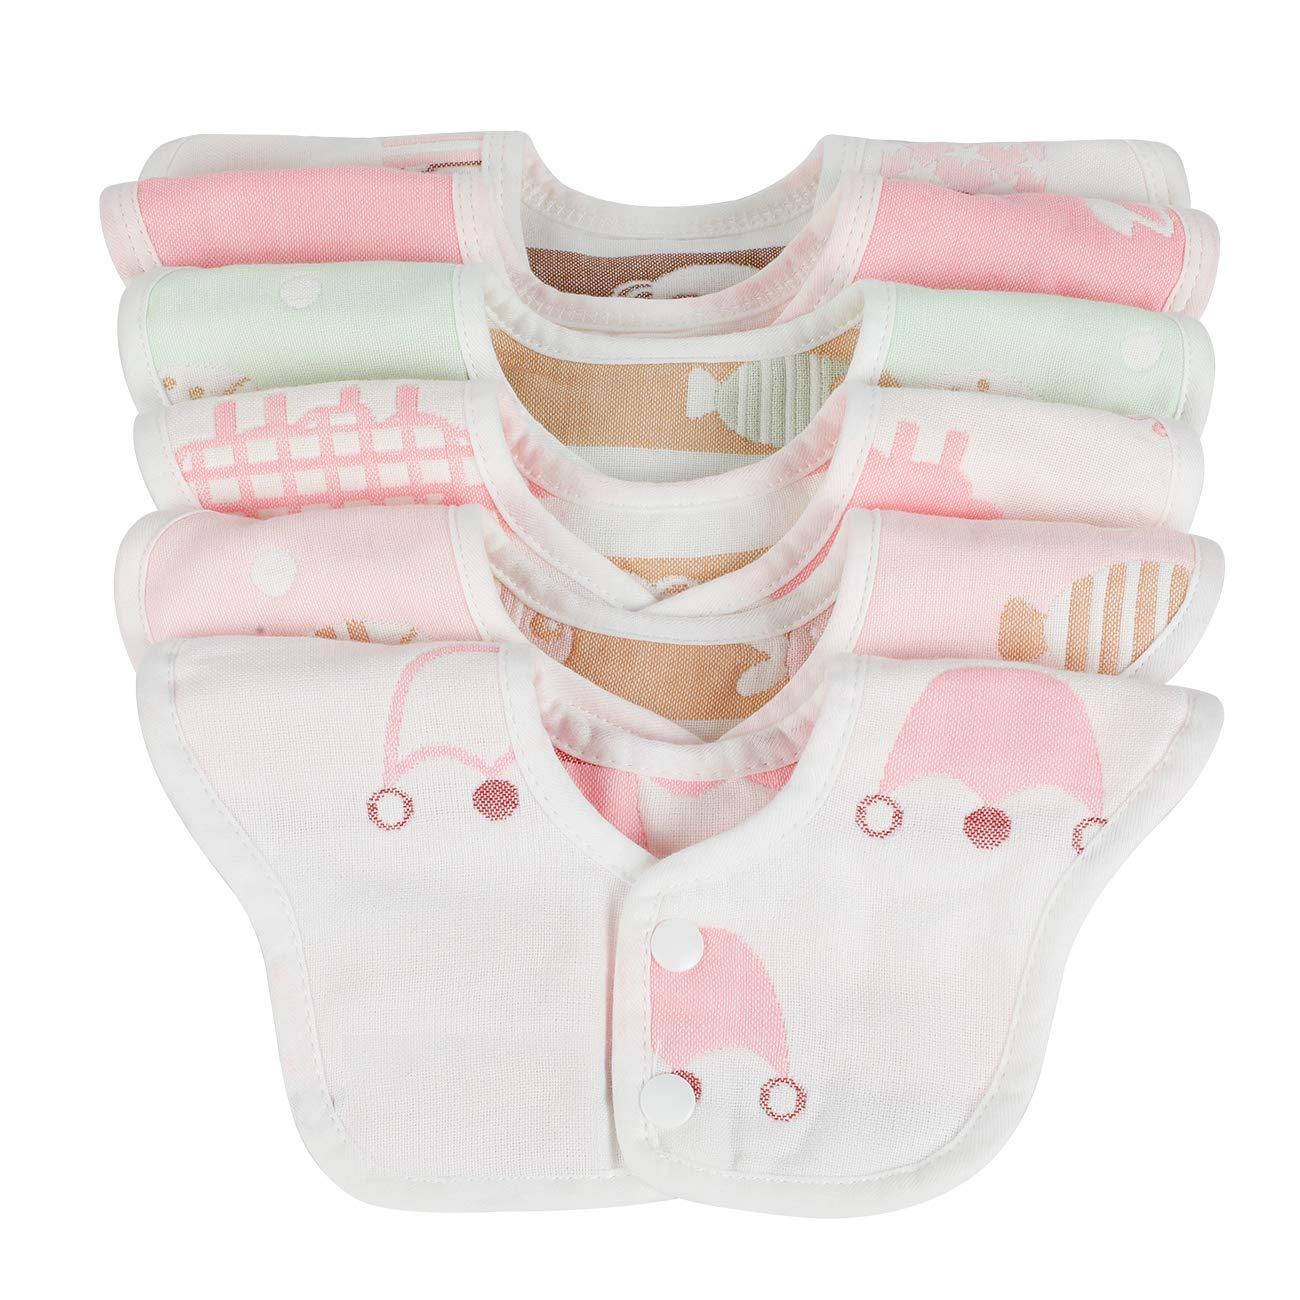 EXTSUD Baby L/ätzchen 360/° DESIGN Geschenken f/ür Baby Jungen Kleinkinder 6er Babyl/ätzchen aus 100/% Baumwolle 6 Schichten zum Essen,Spucktuch saugt Spucke